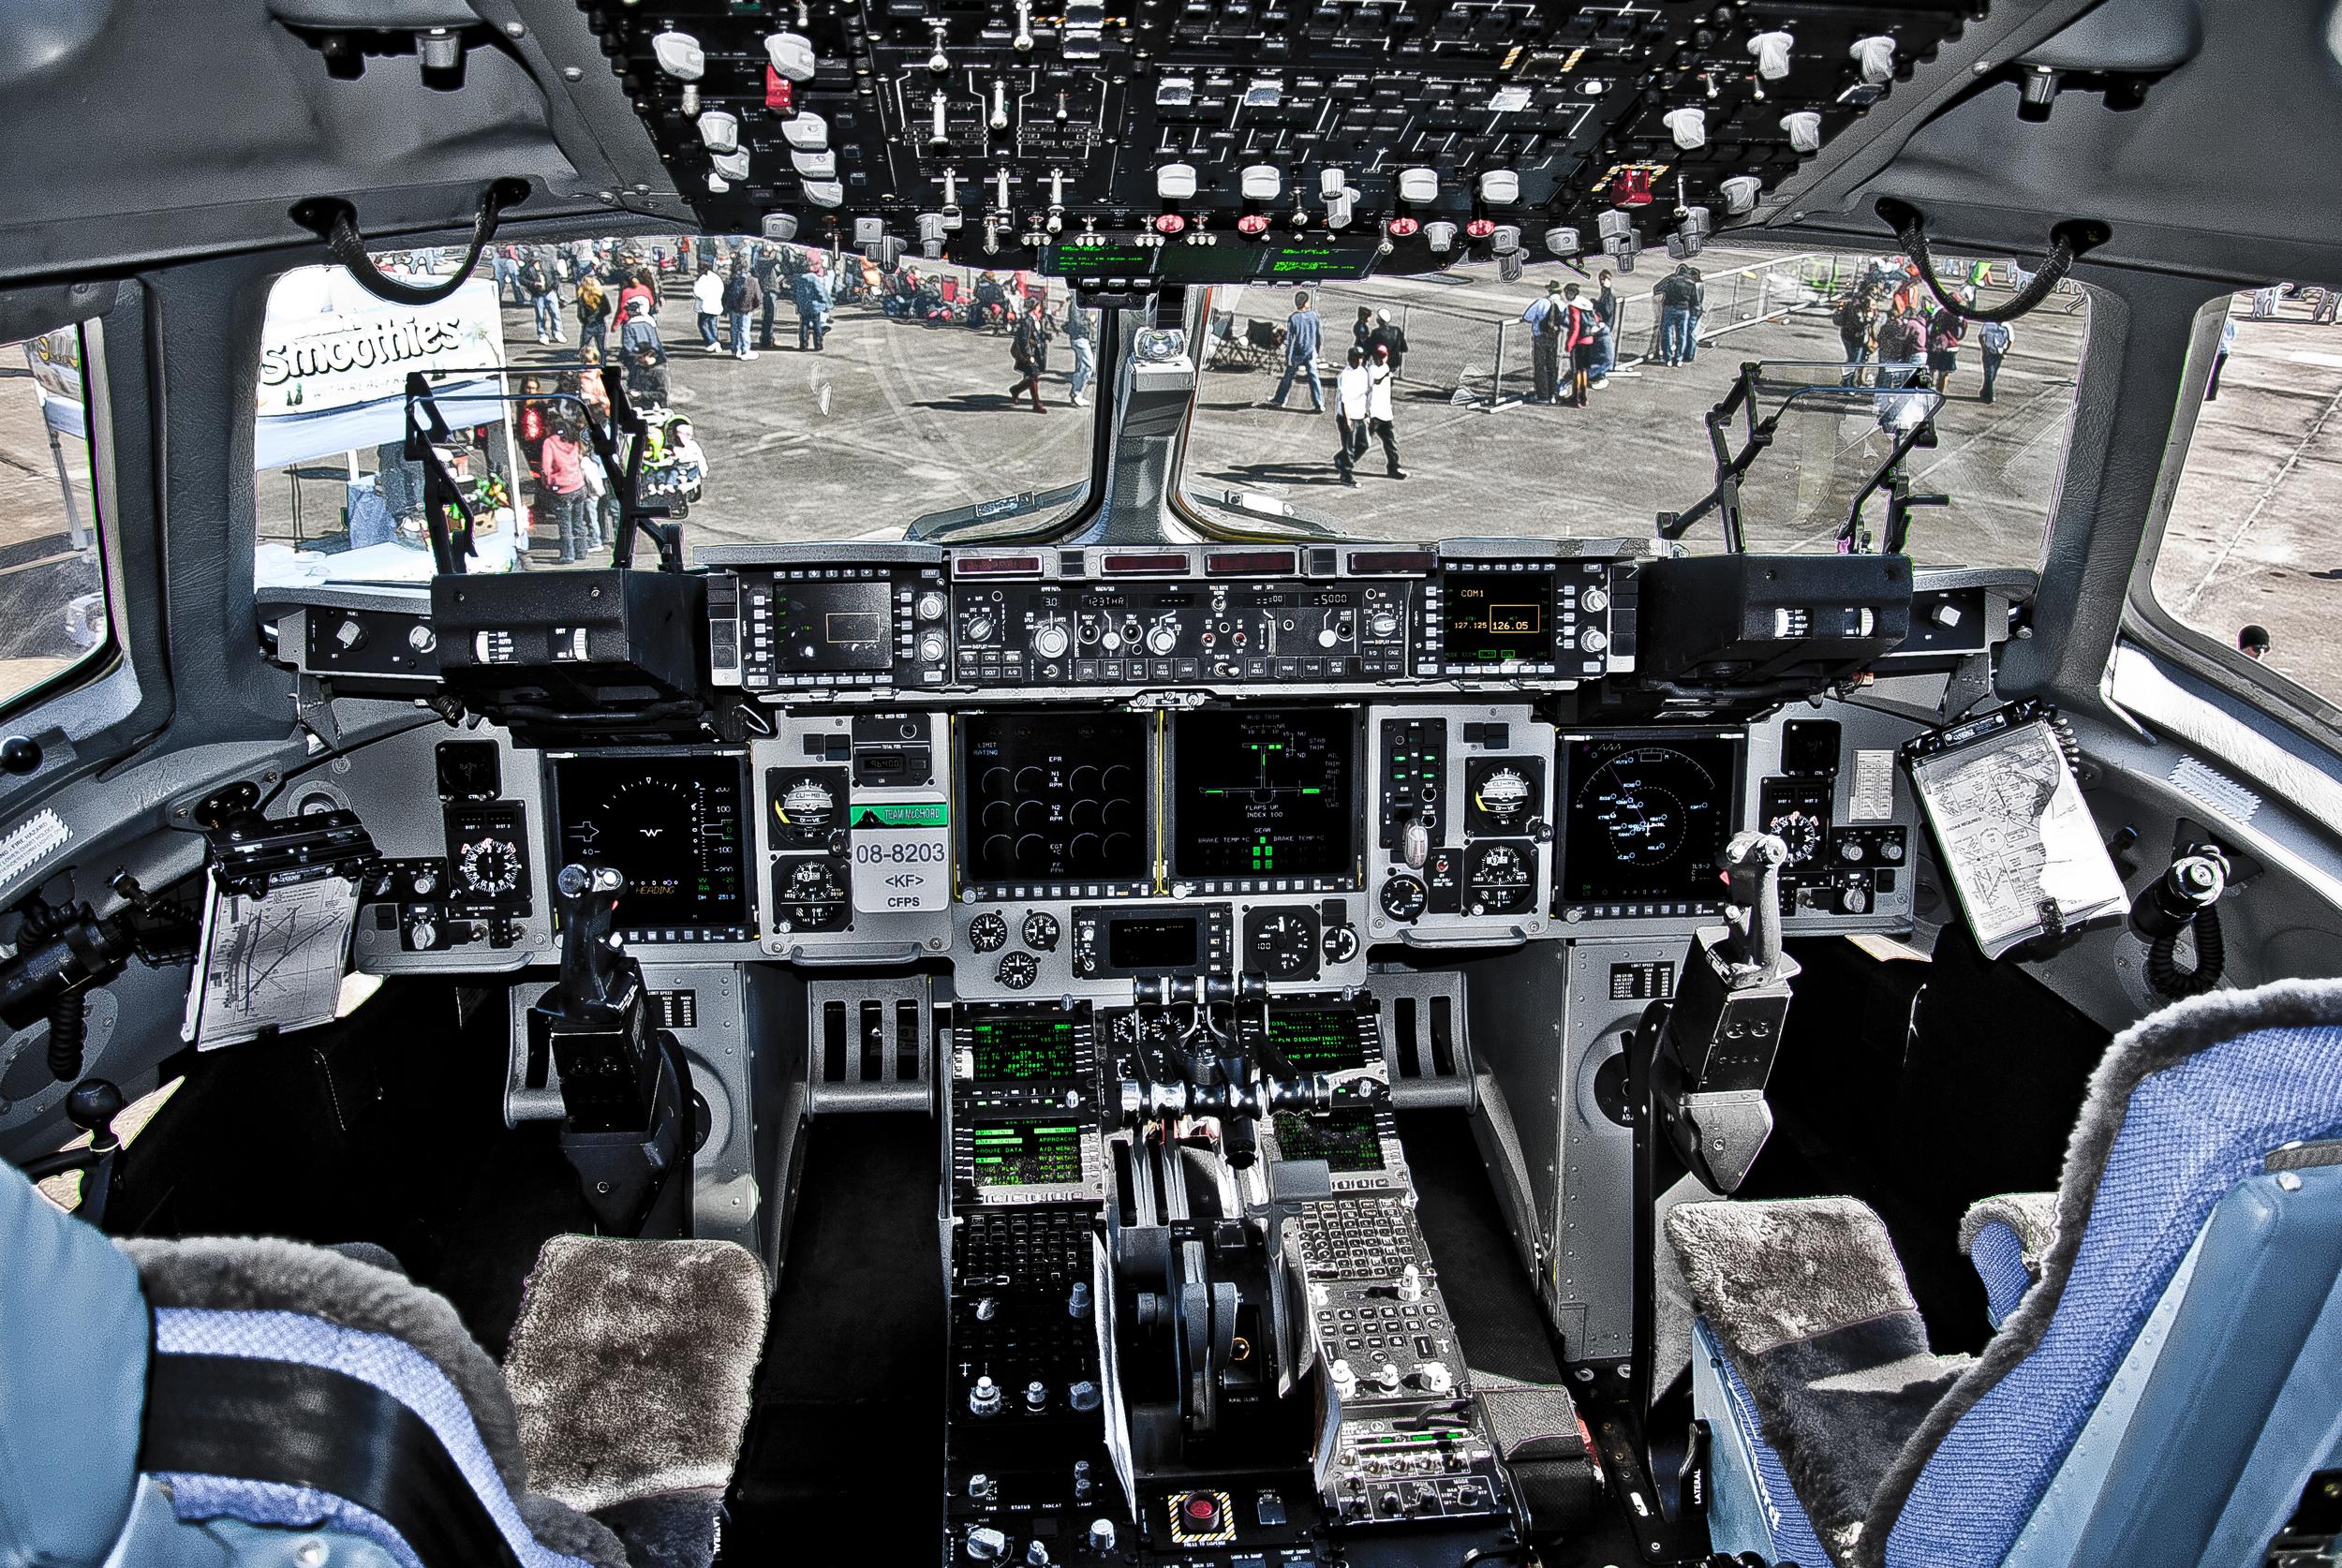 C-17_Globemaster_III_cockpit.jpg